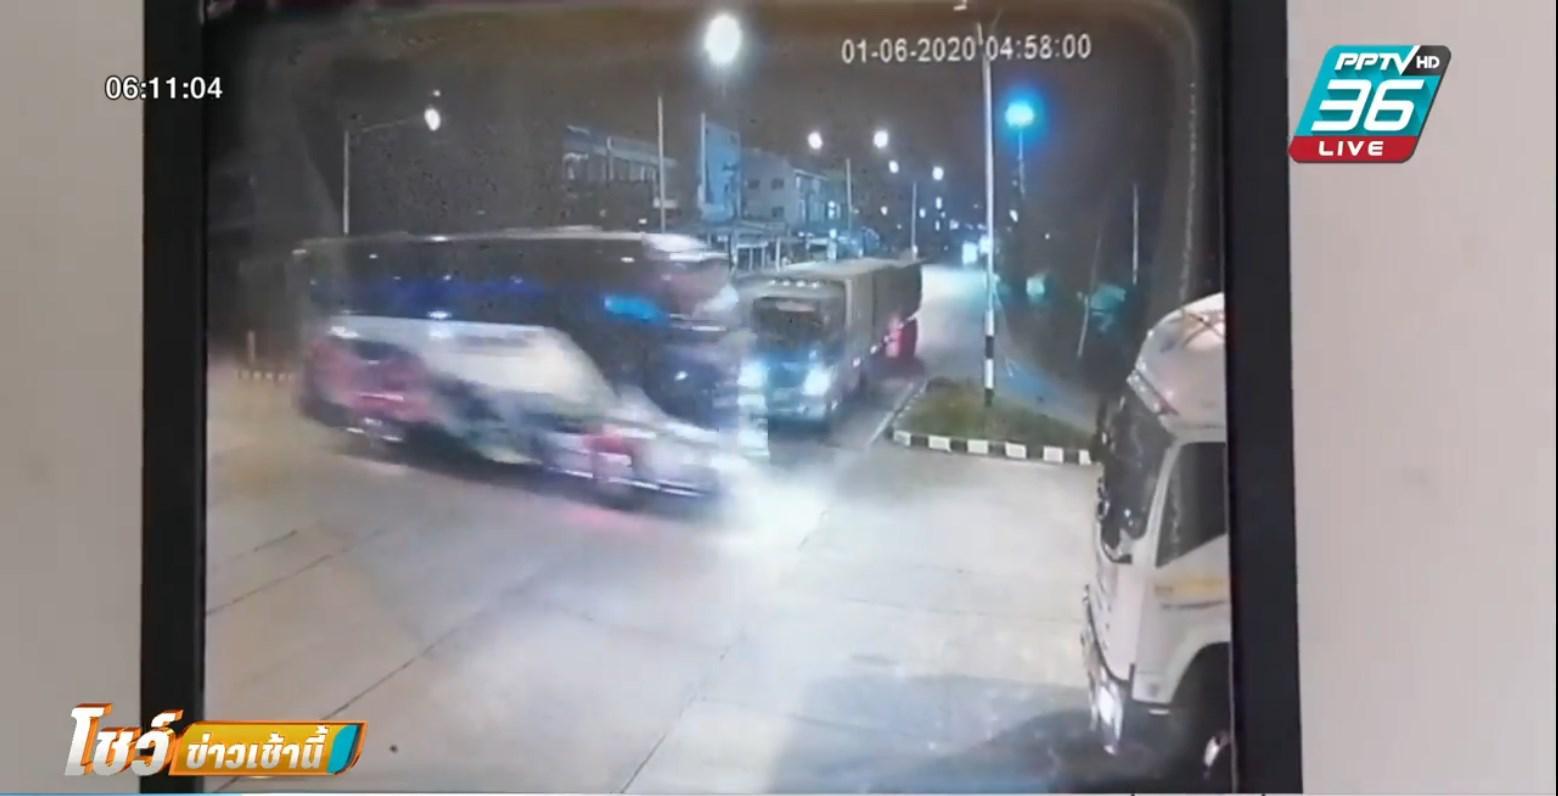 เผยคลิป รถพ่วงชนกลางลำรถบัสรับส่งพนง.กระเด็นชนรถน้ำมันอีกต่อ